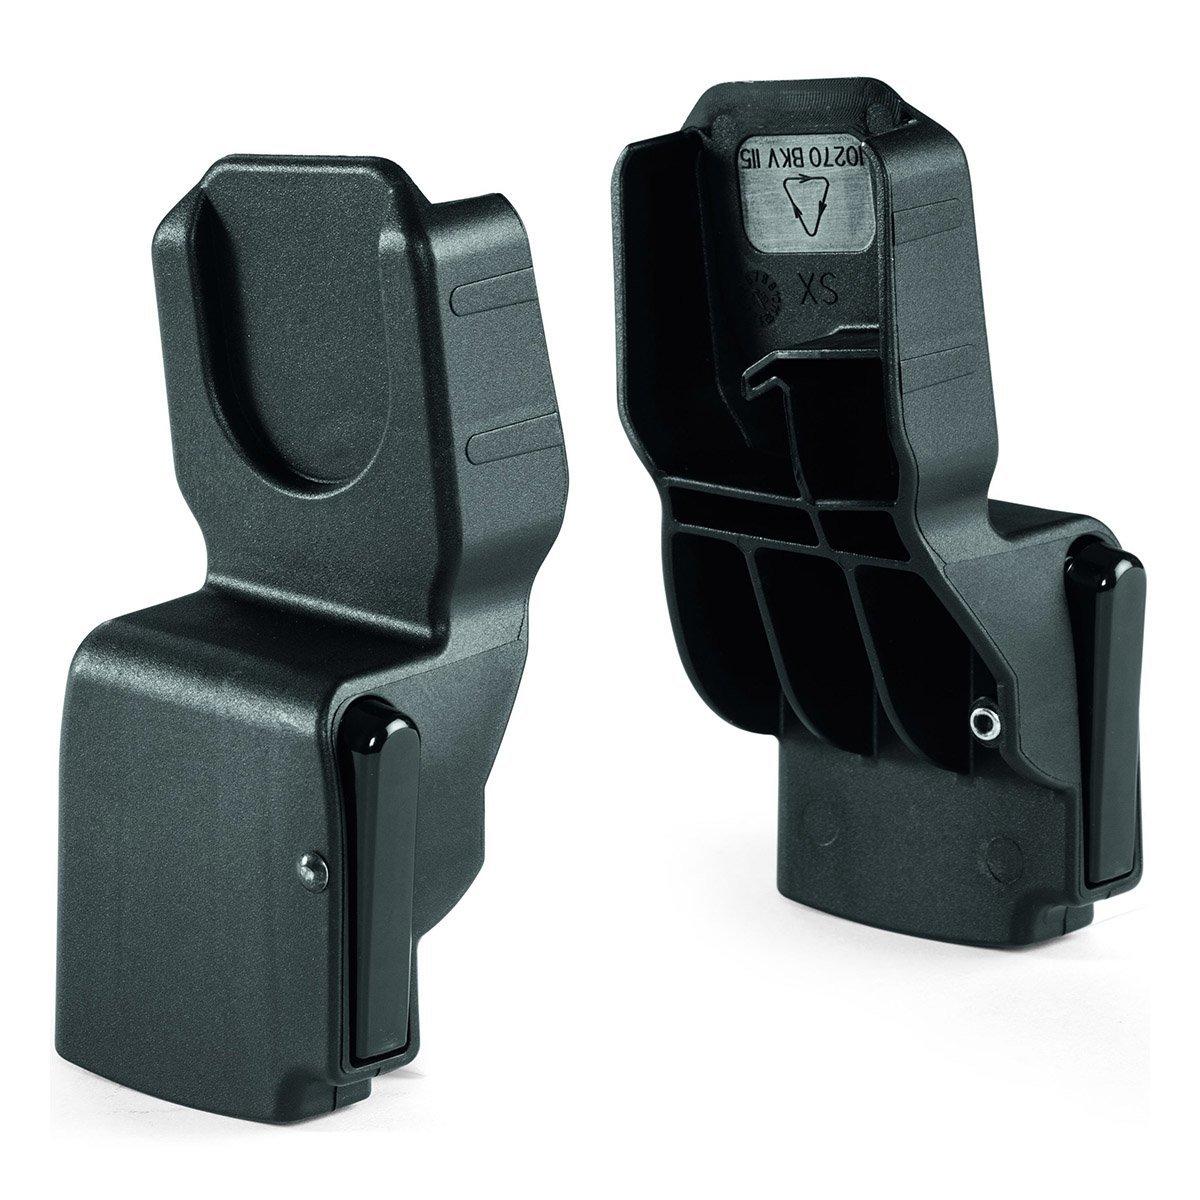 Купить Аксессуары для автокресел, Адаптер для установки автокресла Peg-Perego Viaggio SL/i-Size IKCS0018 ТМ: Peg-Perego, черный